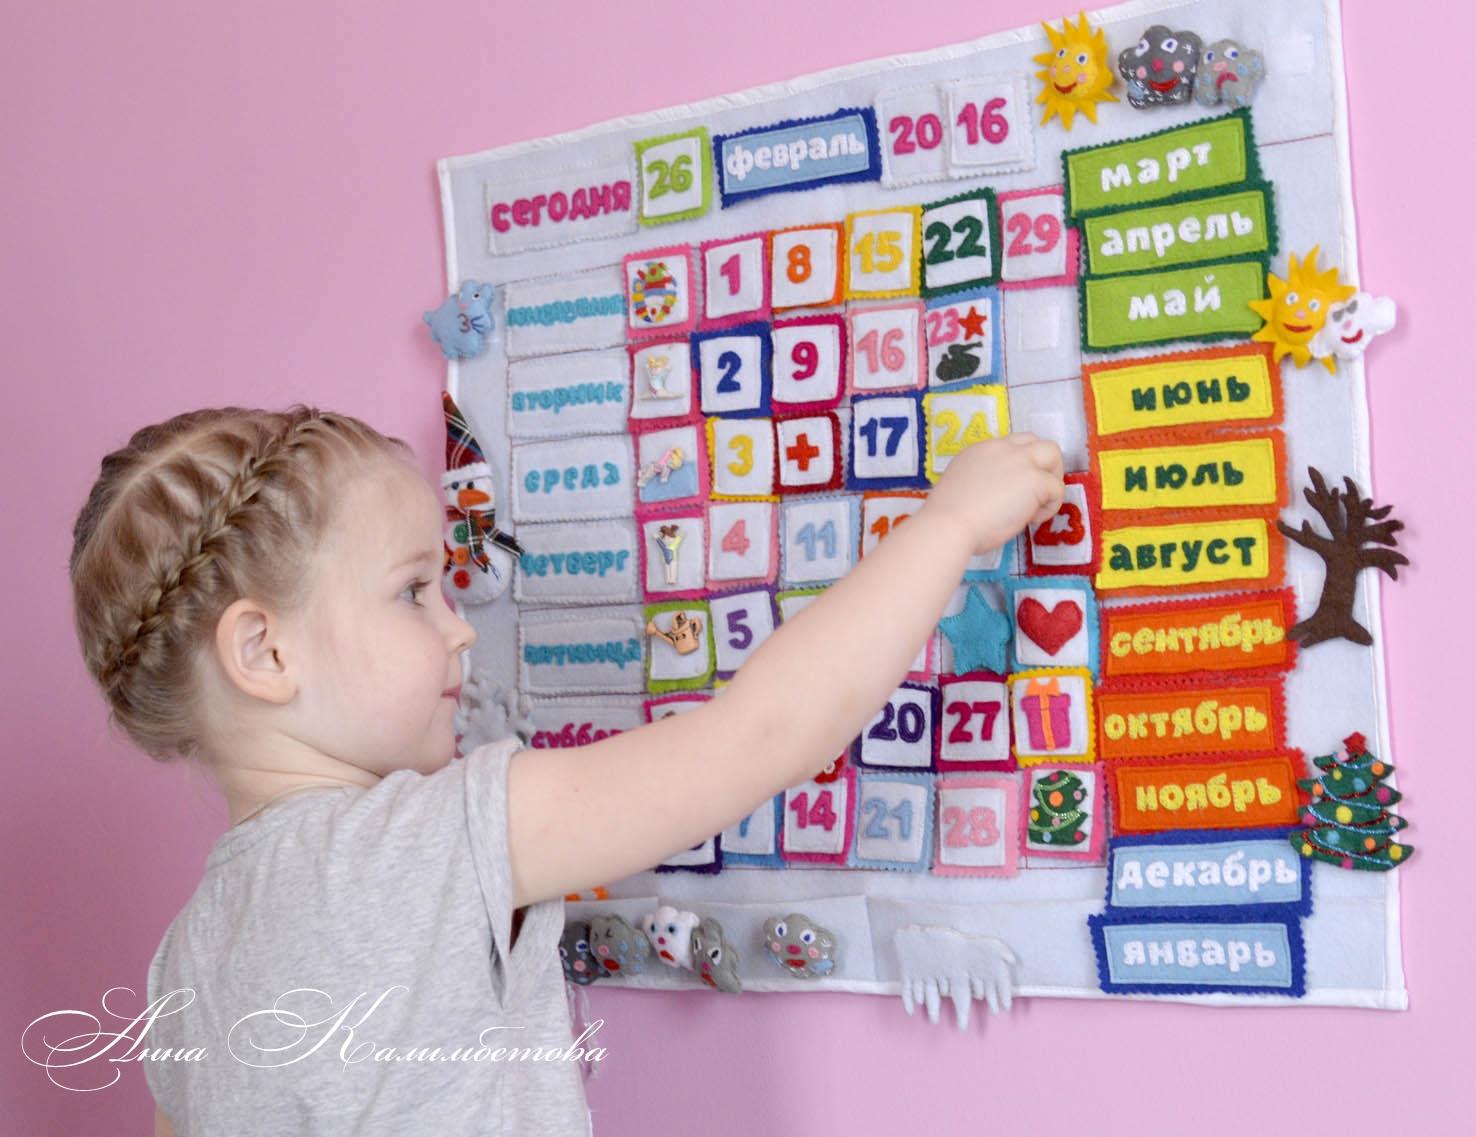 Календарь универсальный своими руками